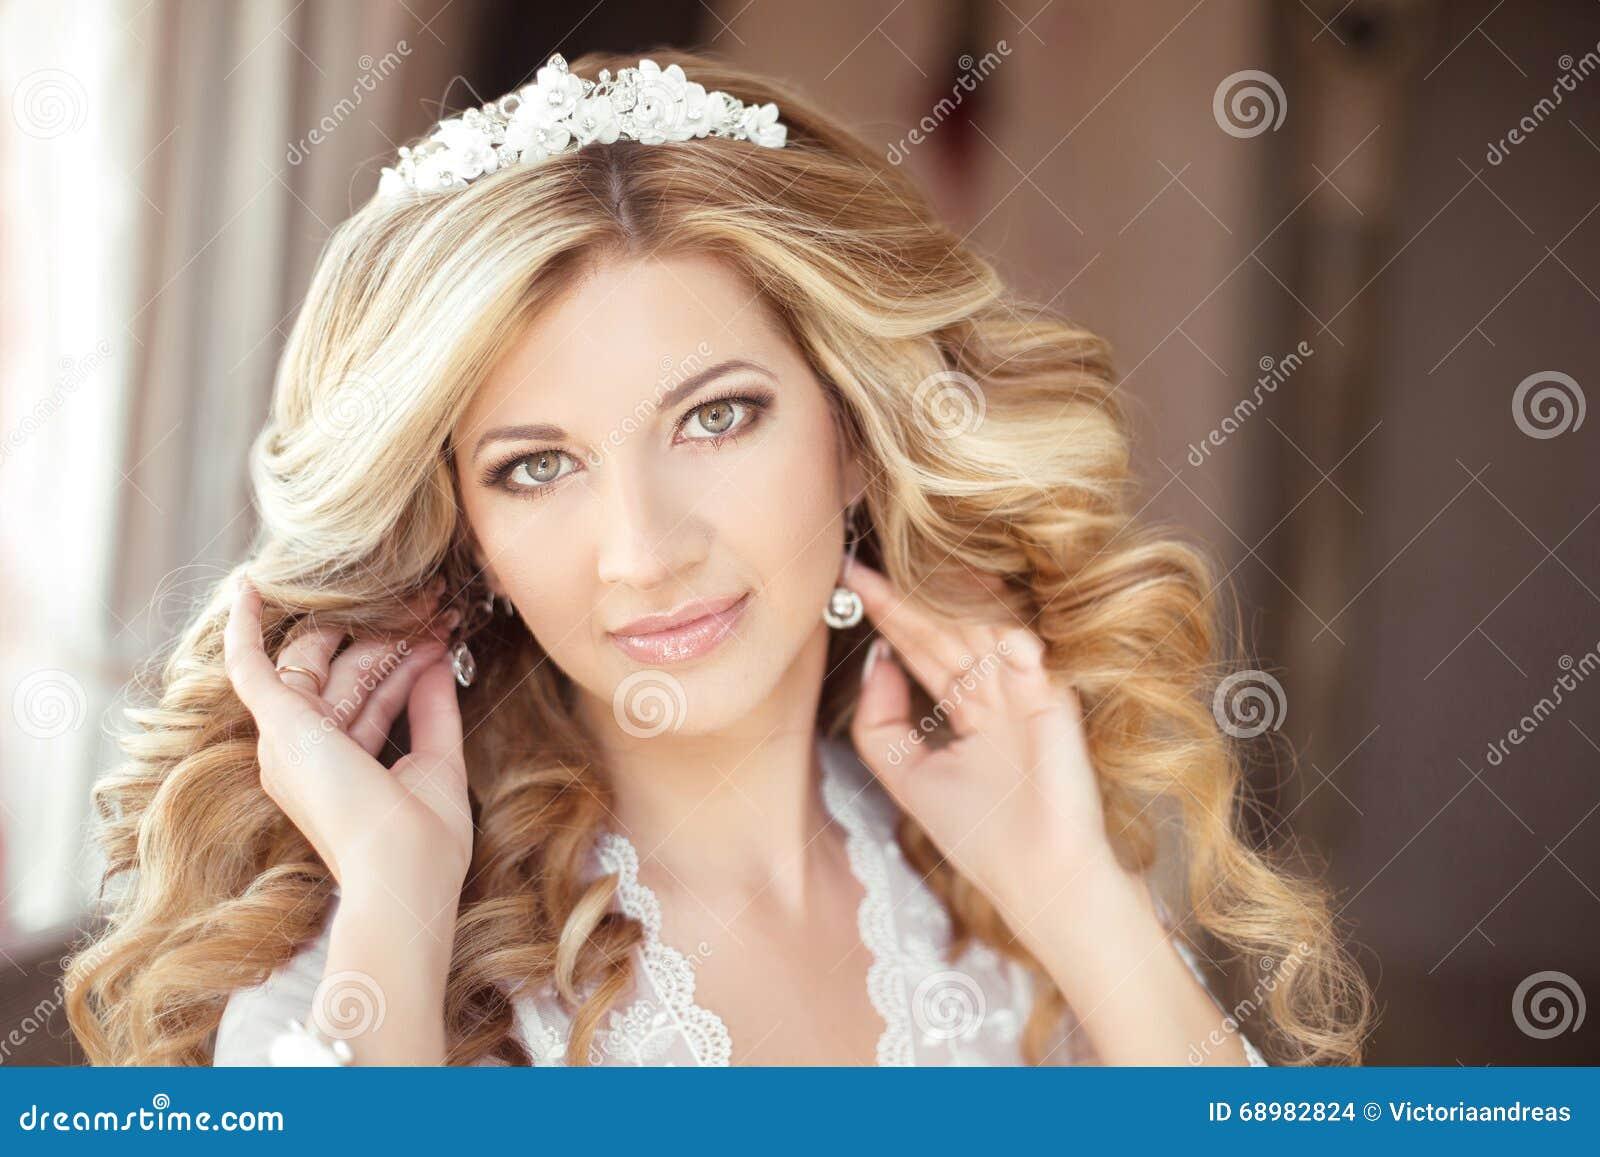 Portret Van Een Mooie Bruid Met Een Diadeem Van Bloemen Op